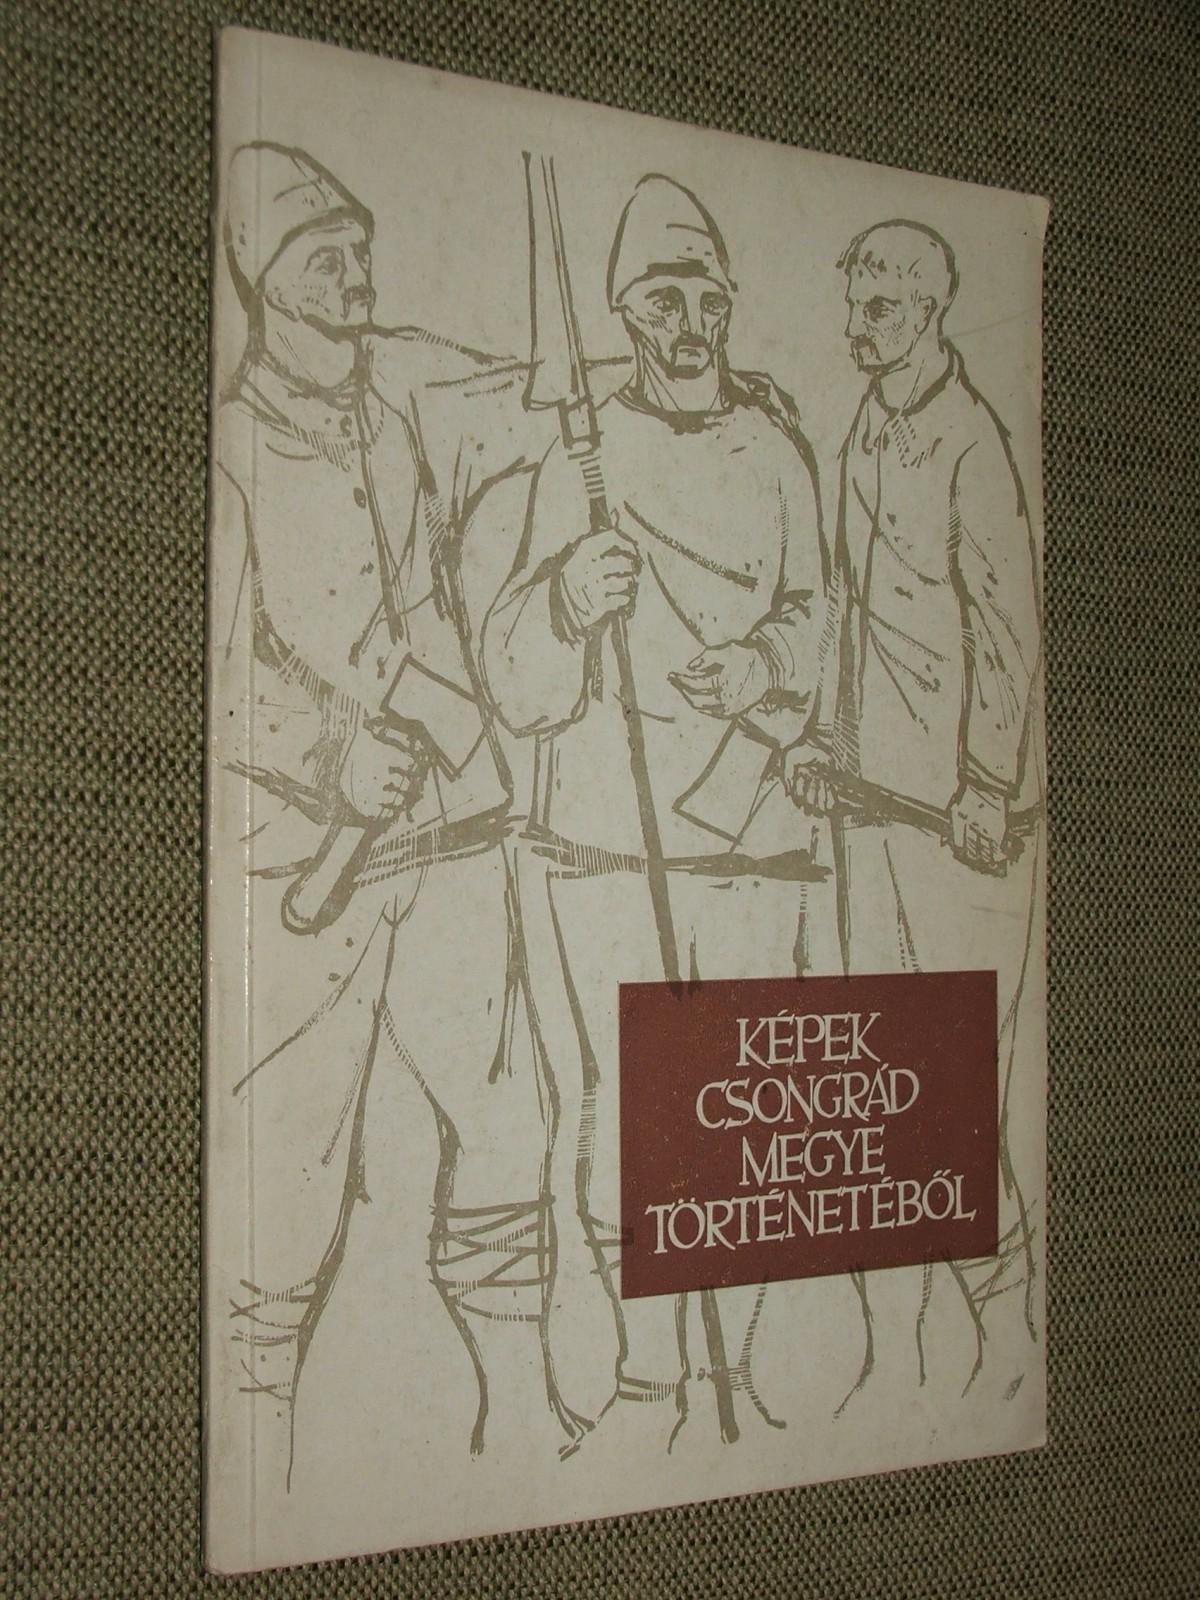 (KELEMEN Ferenc és BÁLINT Alajos): Képek Csongrád megye történetéből